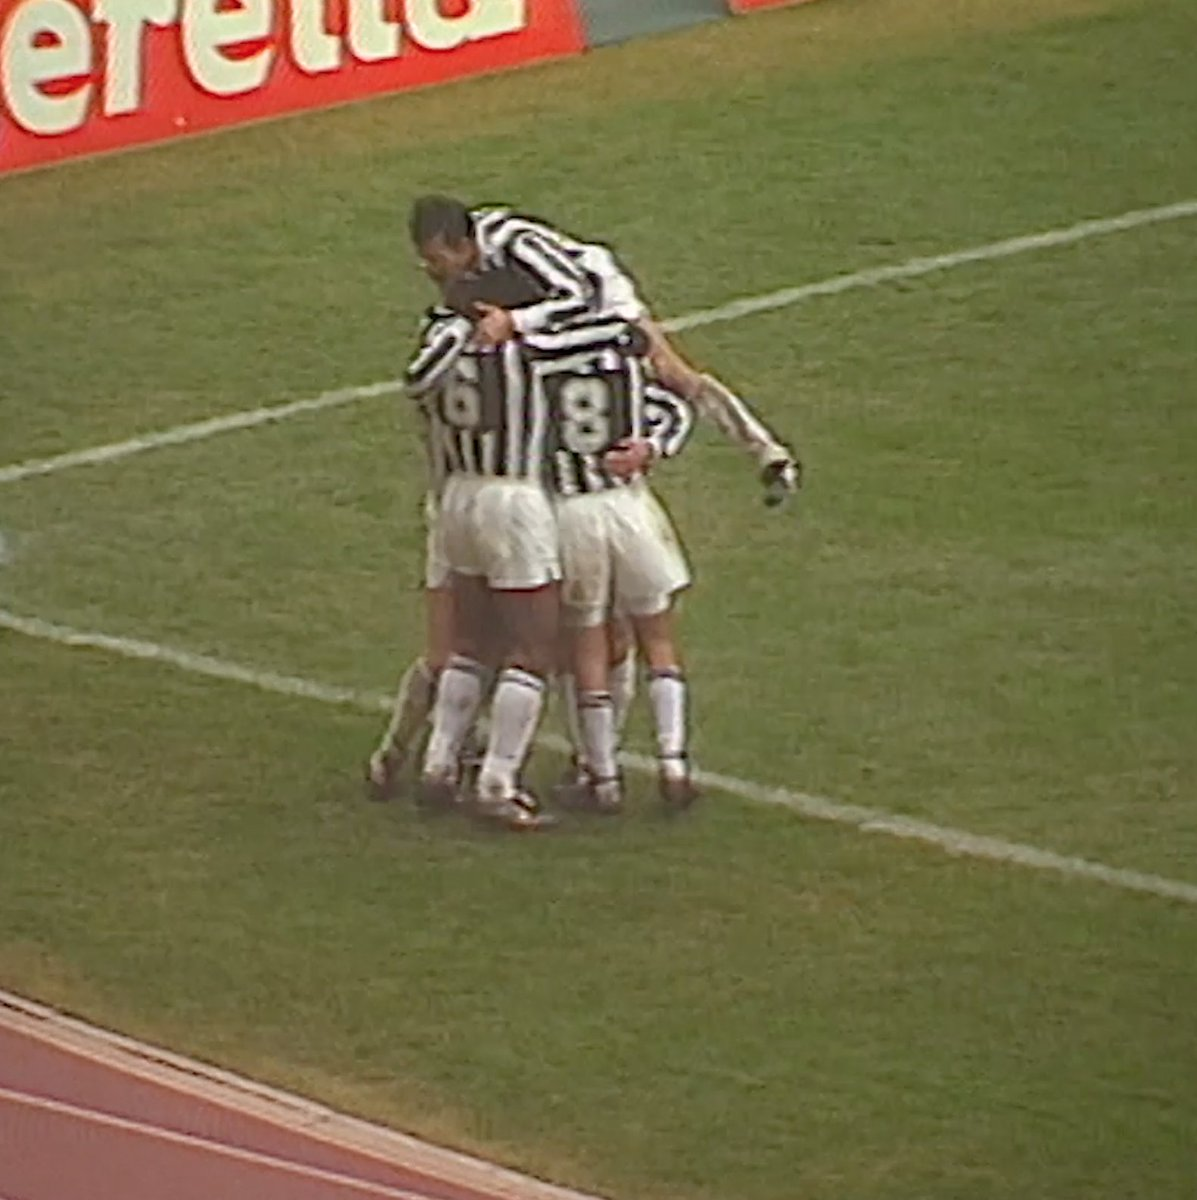 📅 19.01.1992 😱 SPETTACOLARE GOL DI TOTO' #SCHILLACI! ⚽️ #GoalOfTheDay #ForzaJuve